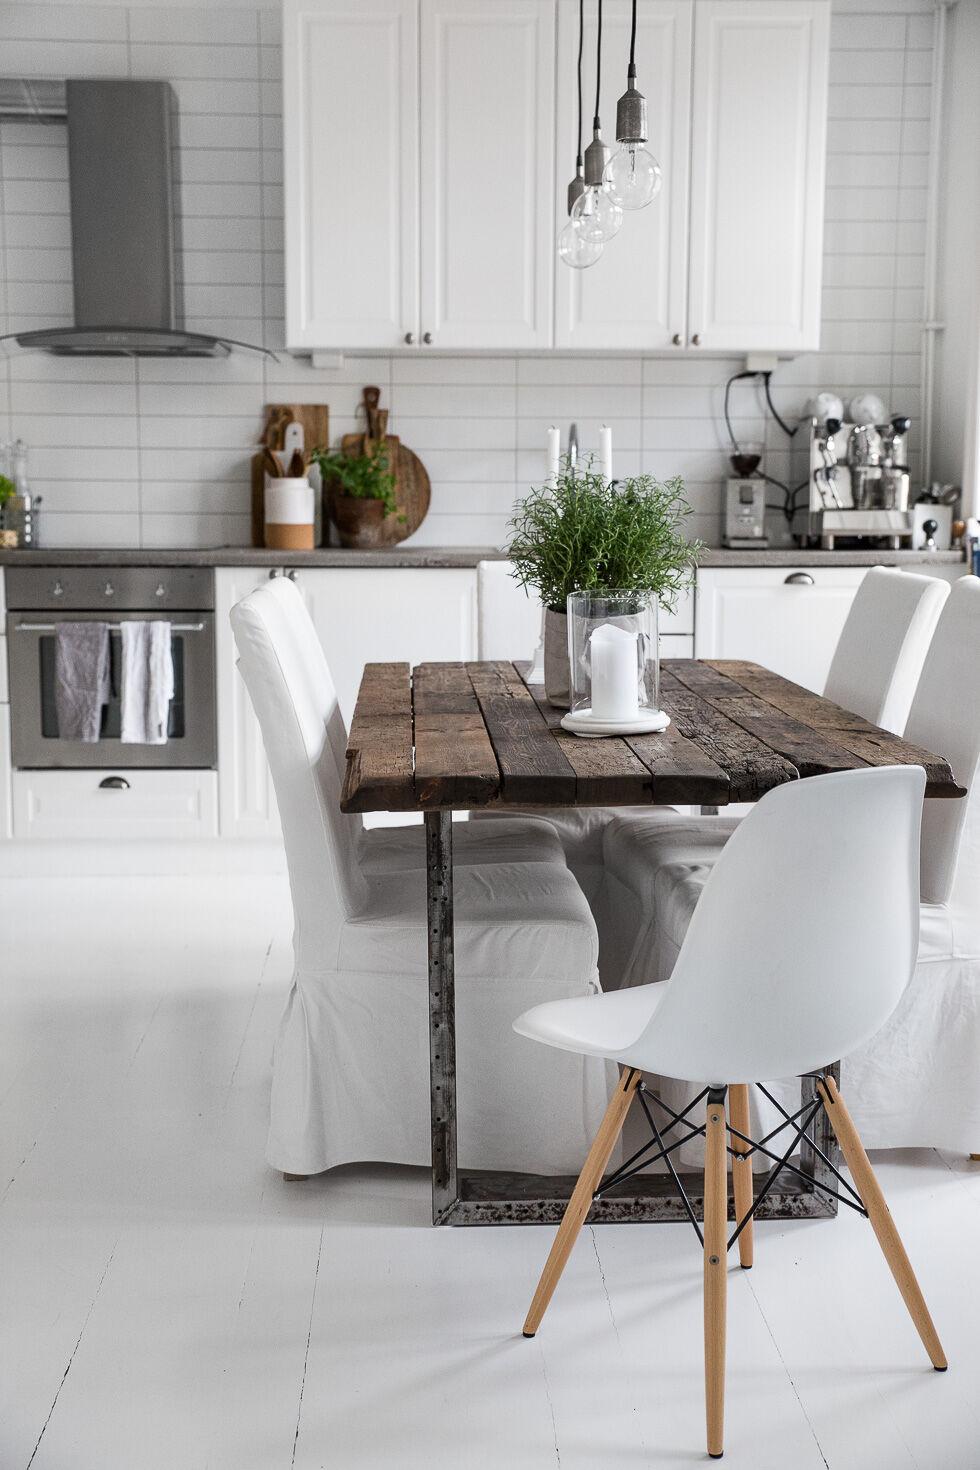 bykiki-kitchen-interior